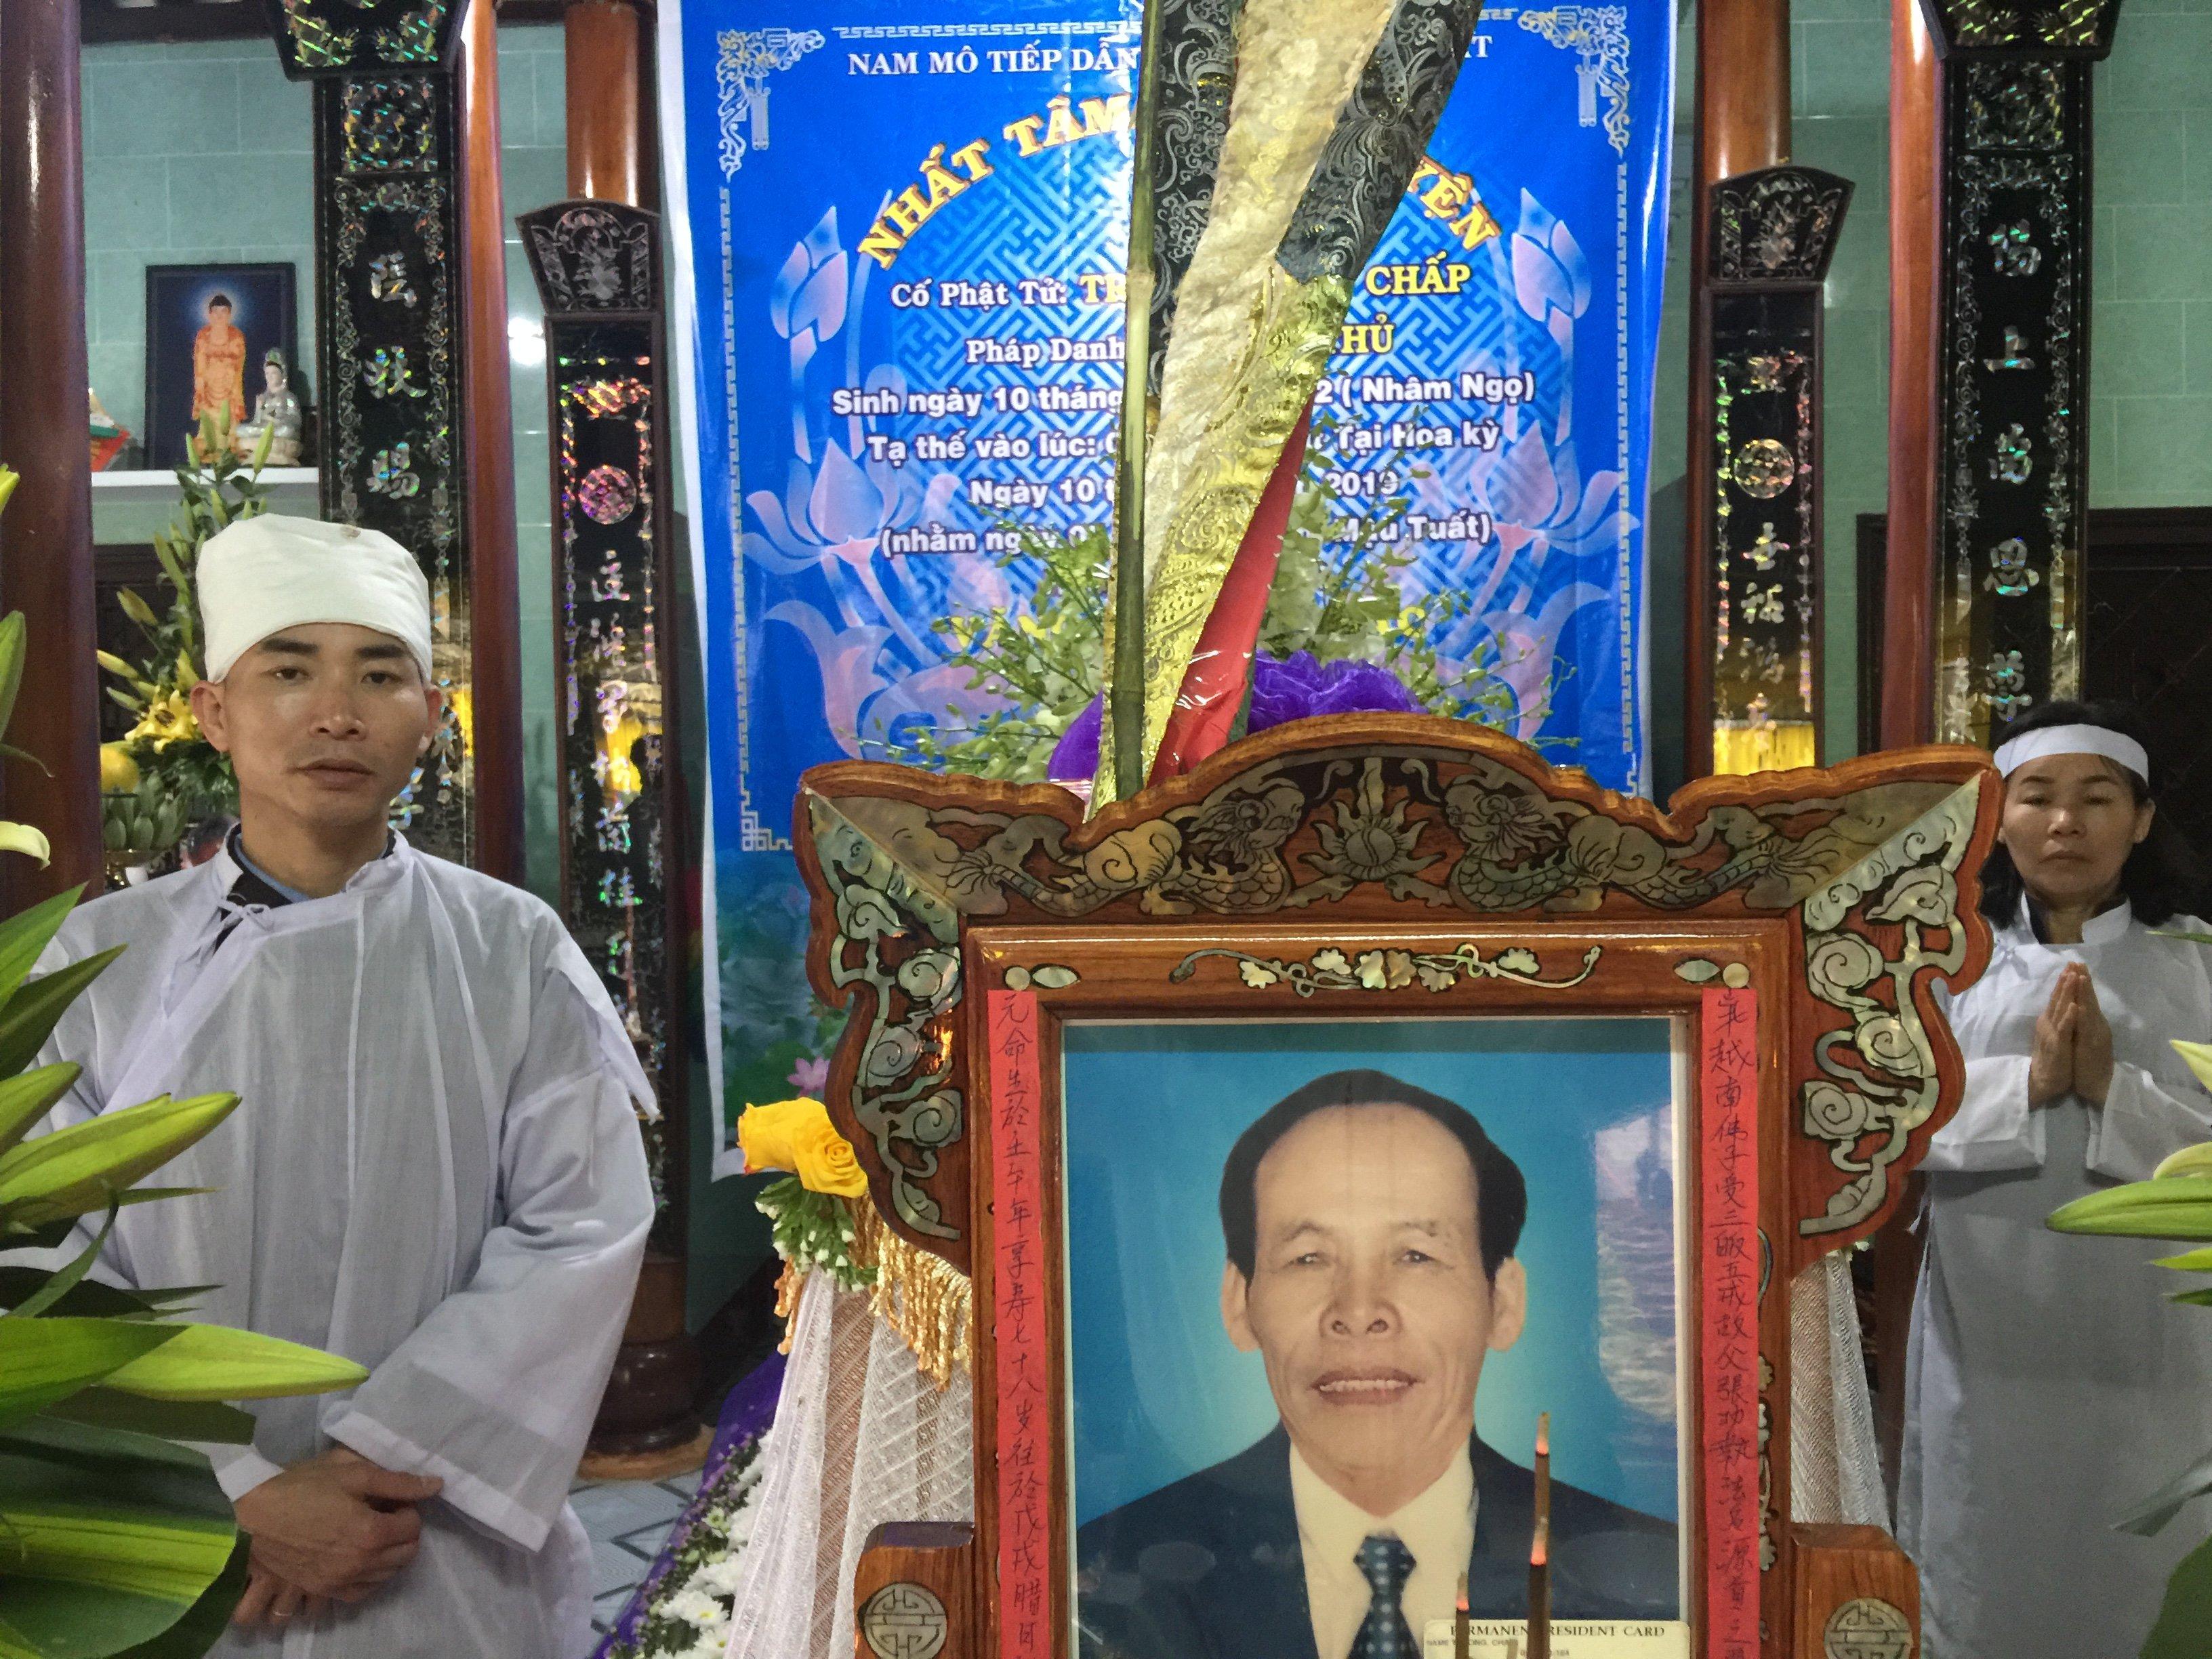 Chương trình tang lễ ông Trương Công Chấp tại Việt Nam.